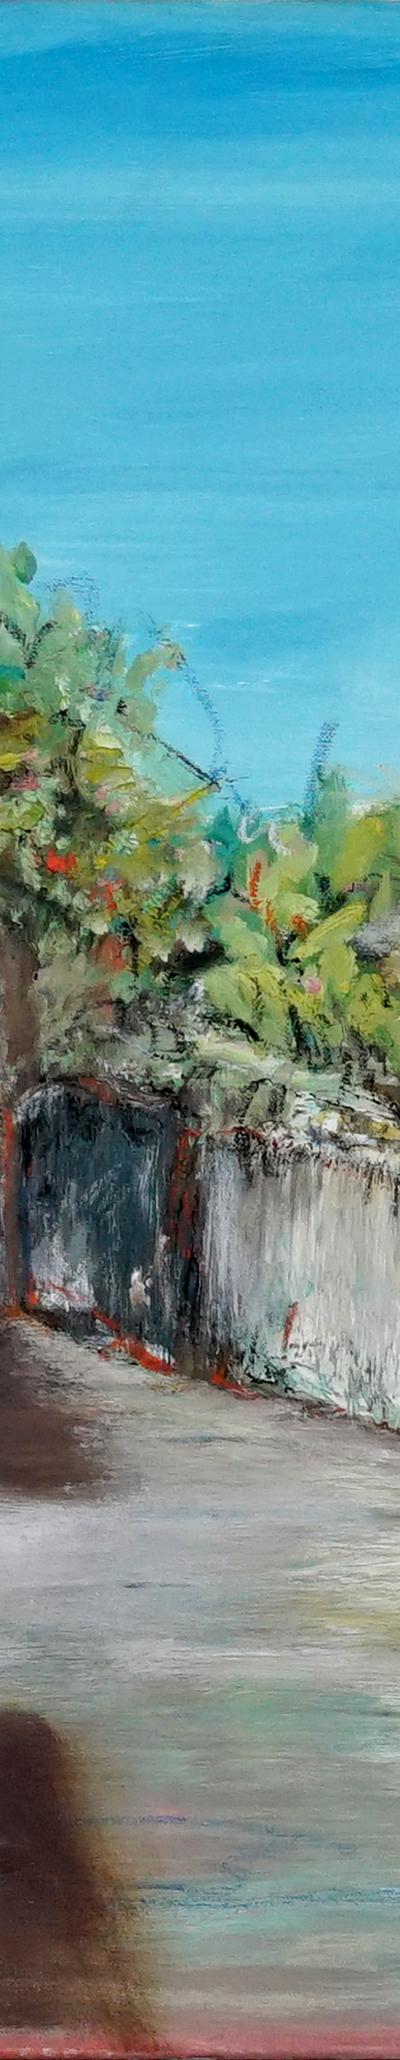 garden 70x70 cm, oil on canvas